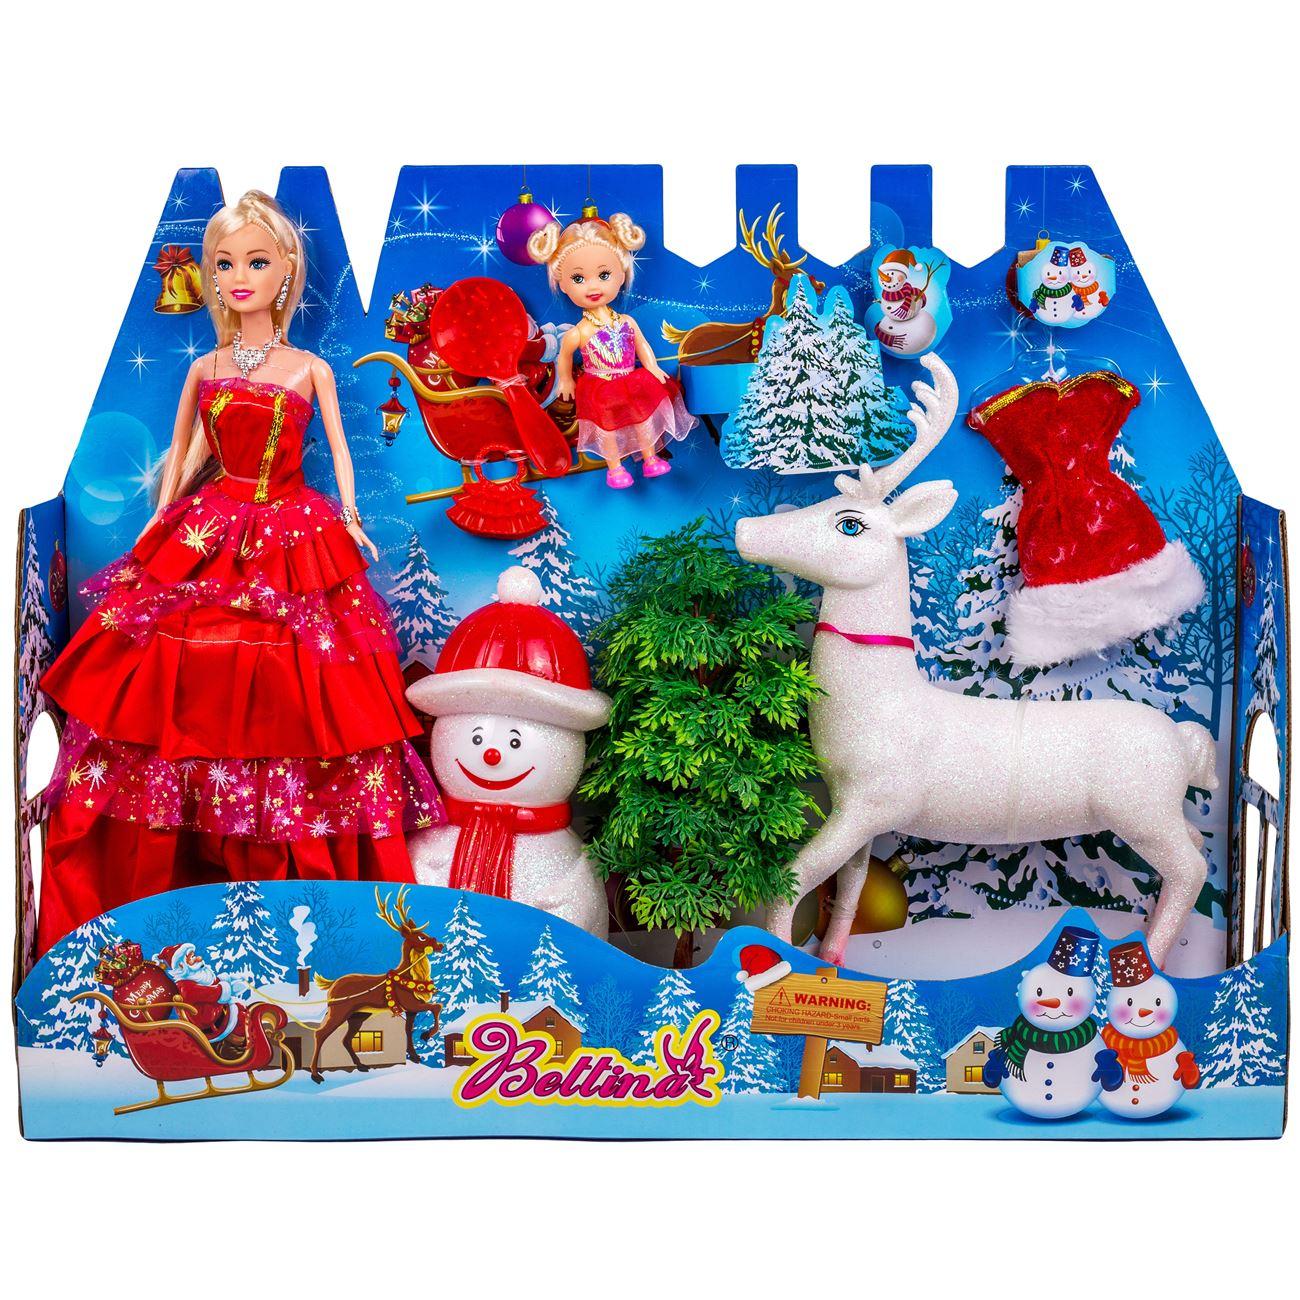 2e3d5705a6d1 Χριστουγεννιάτικη Κούκλα Μανεκέν   Αξεσουάρ - 7 τμχ.   Κούκλες Μανεκέν  Χριστουγεννιάτικες